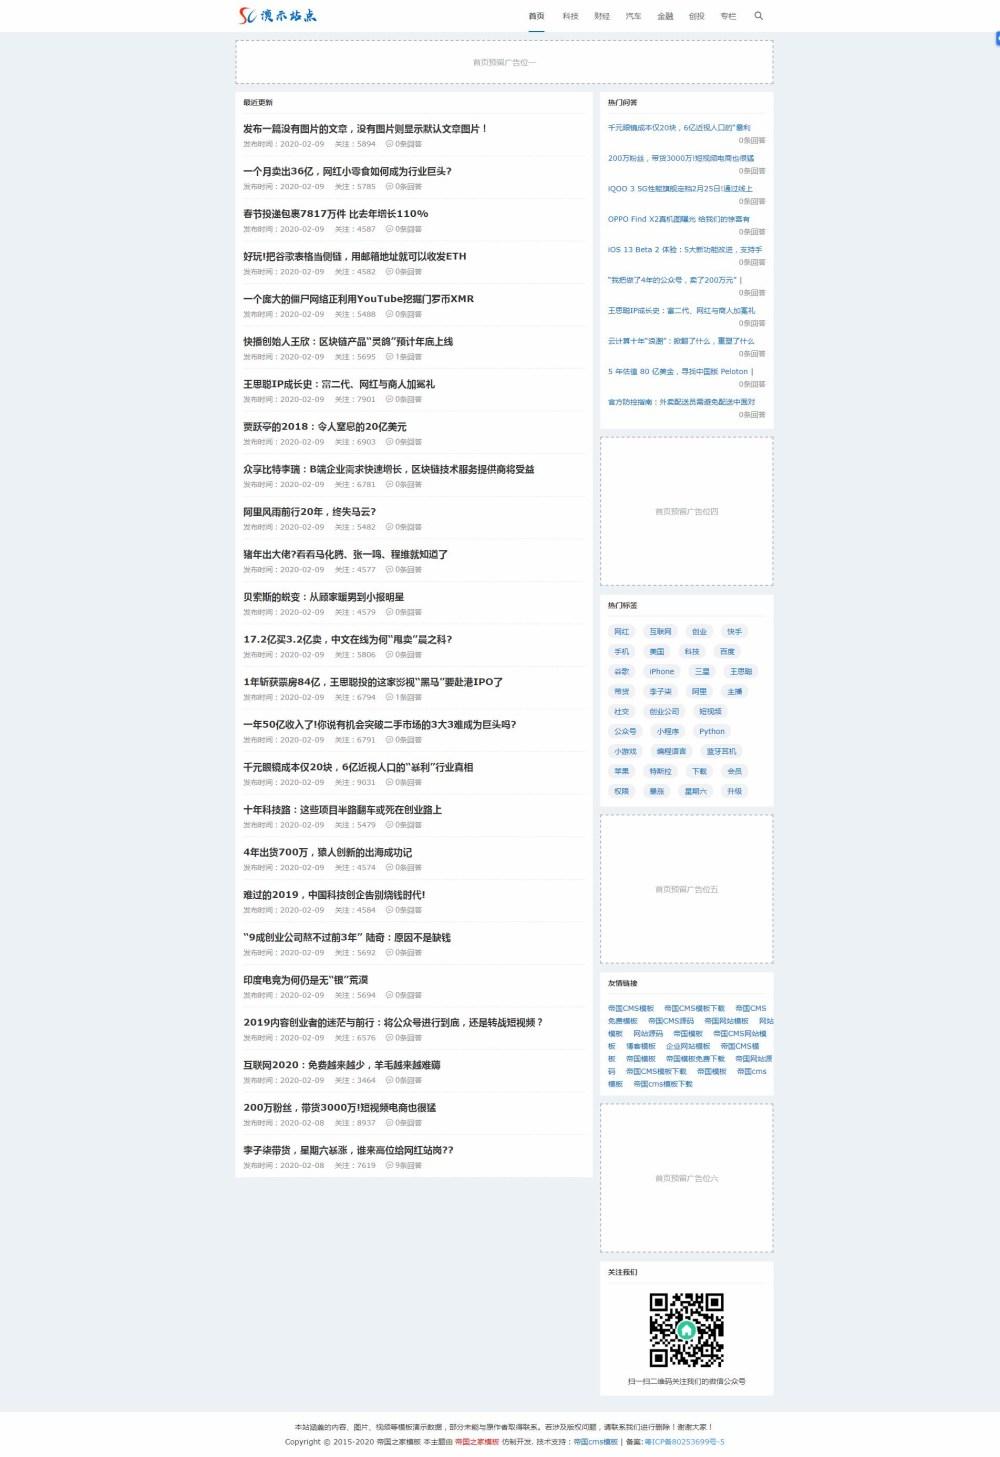 1网站首页.jpg [DG-0245]自适应简约文章帝国cms模板 响应式纯文字文章资讯帝国模板下载 博客文章 第1张